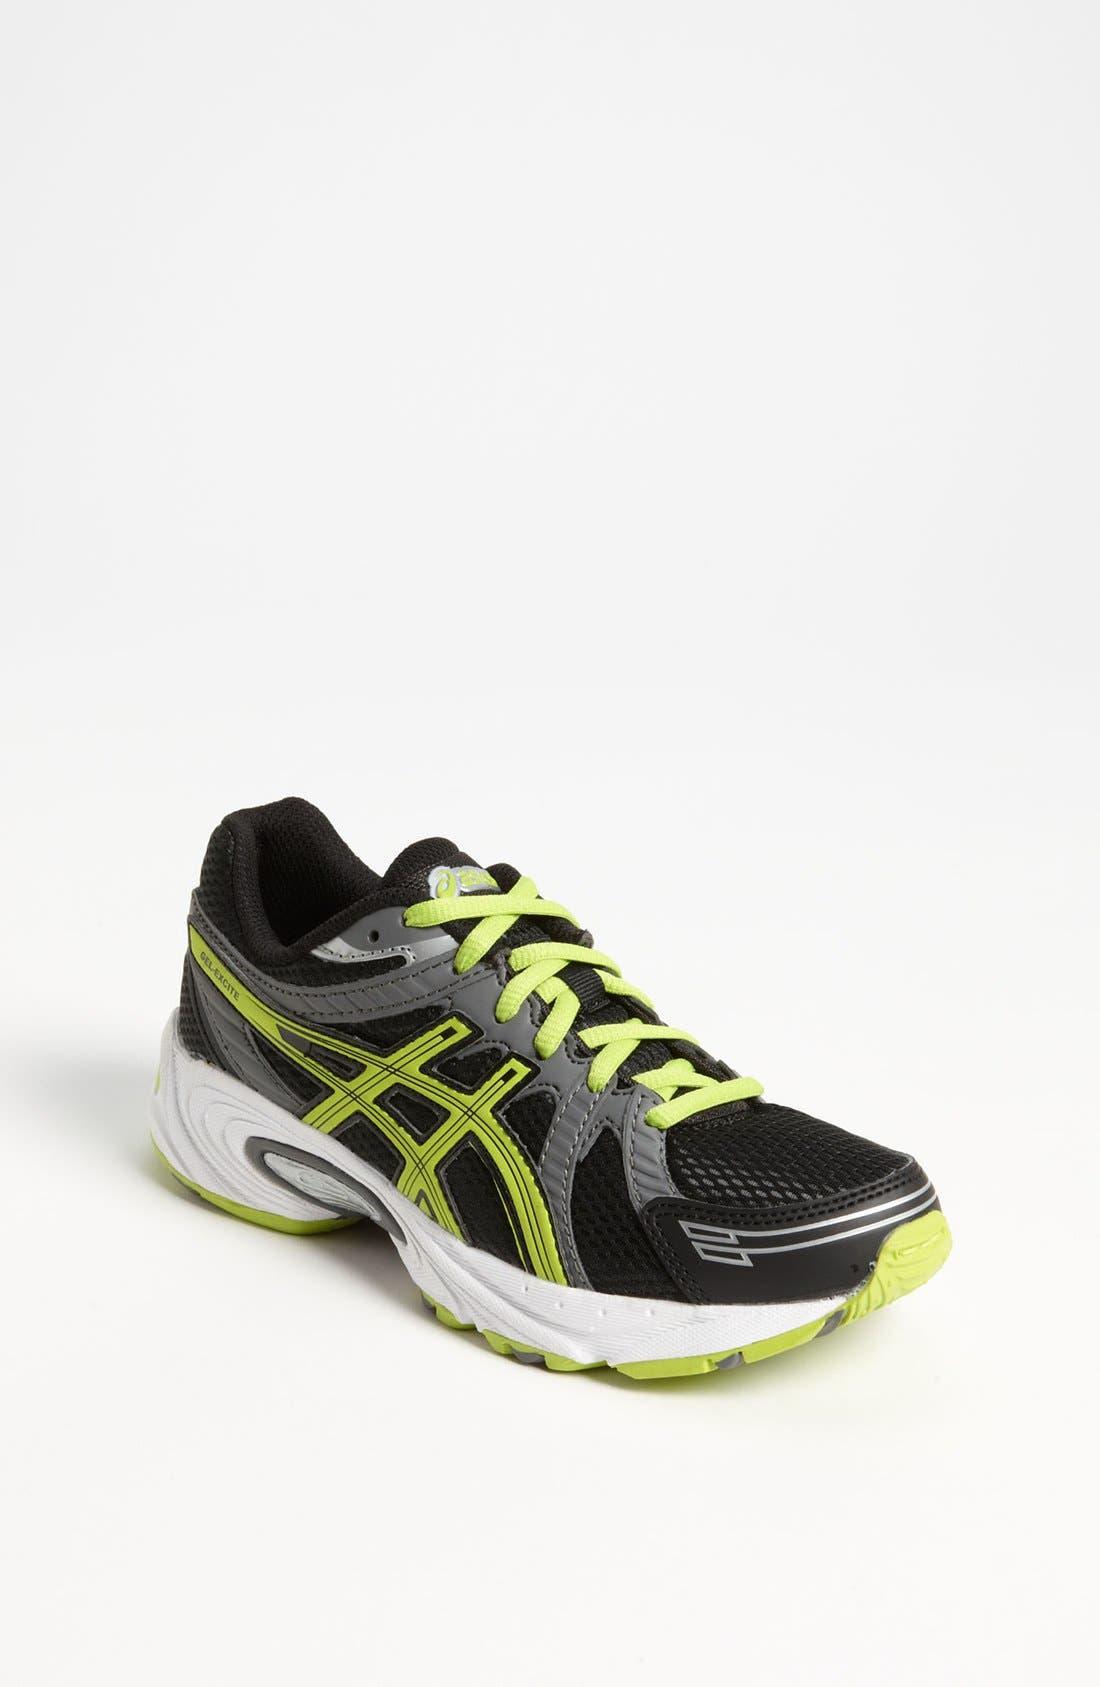 Main Image - ASICS® 'GEL-Excite' Running Shoe (Big Kid)